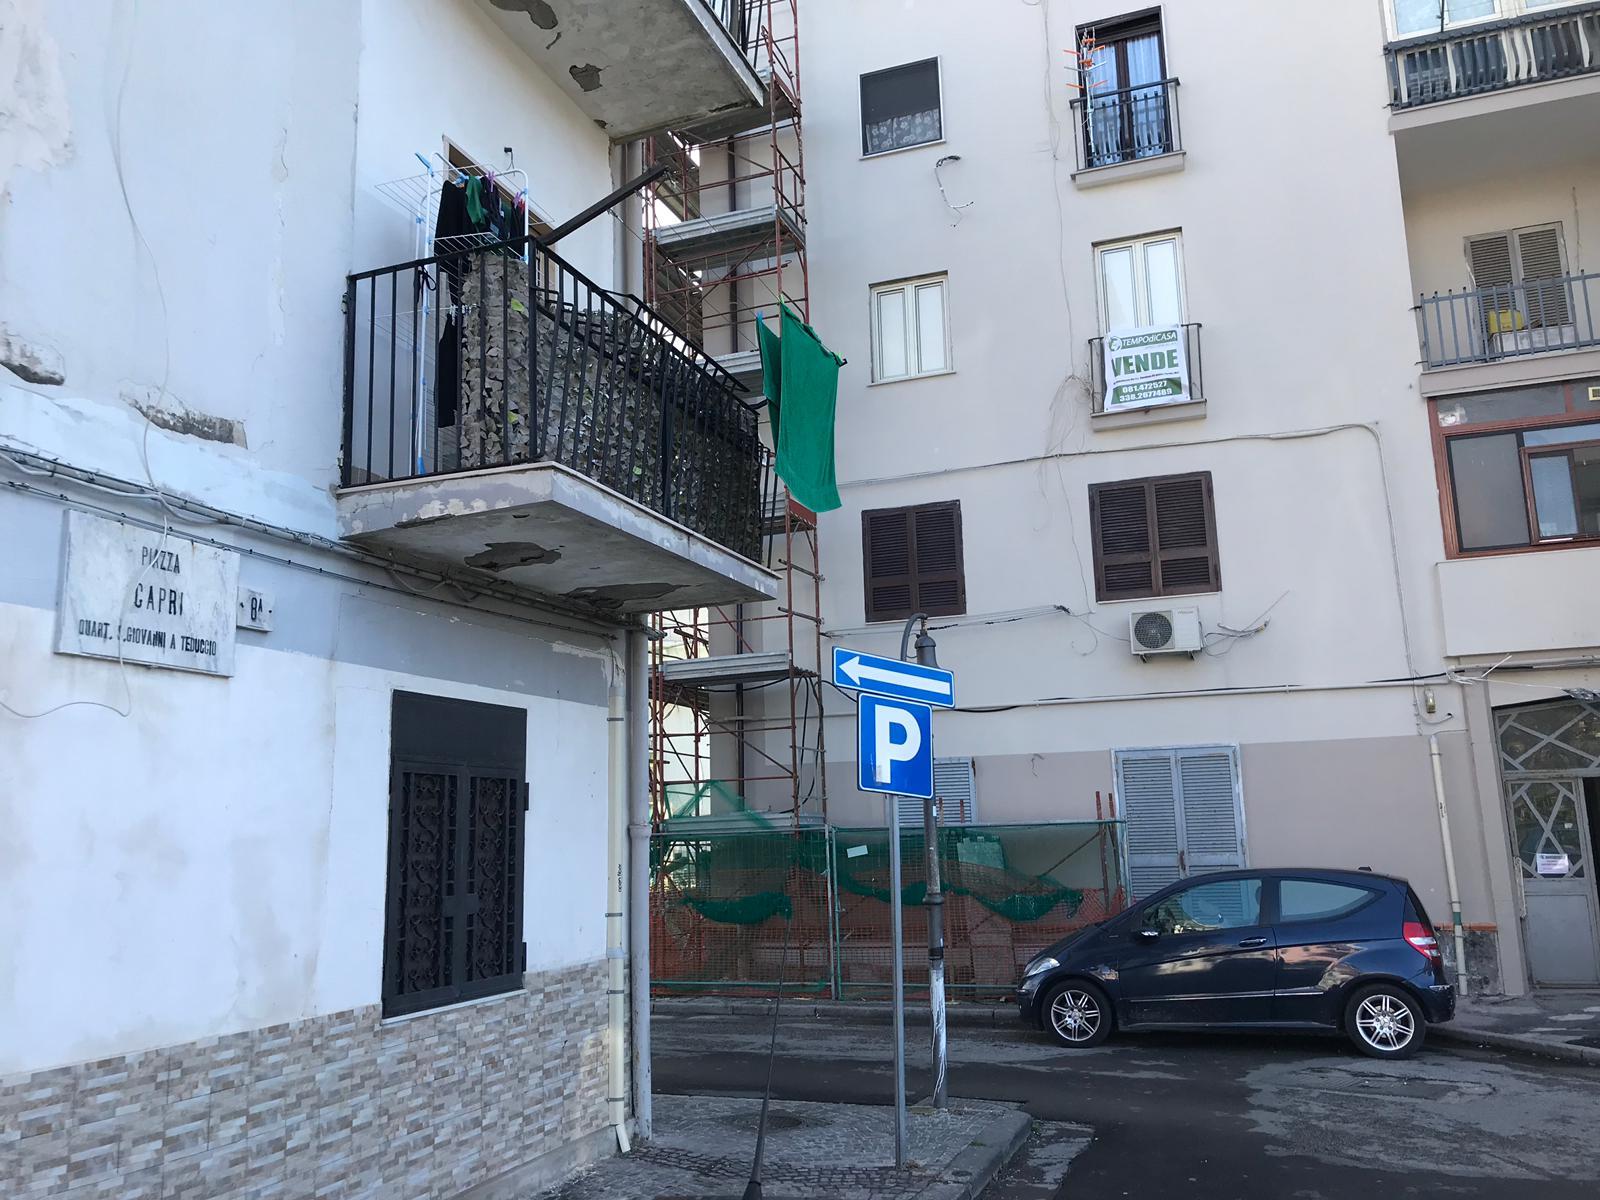 Vendesi appartamento piazza capri san giovanni a teduccio for Vendesi appartamento